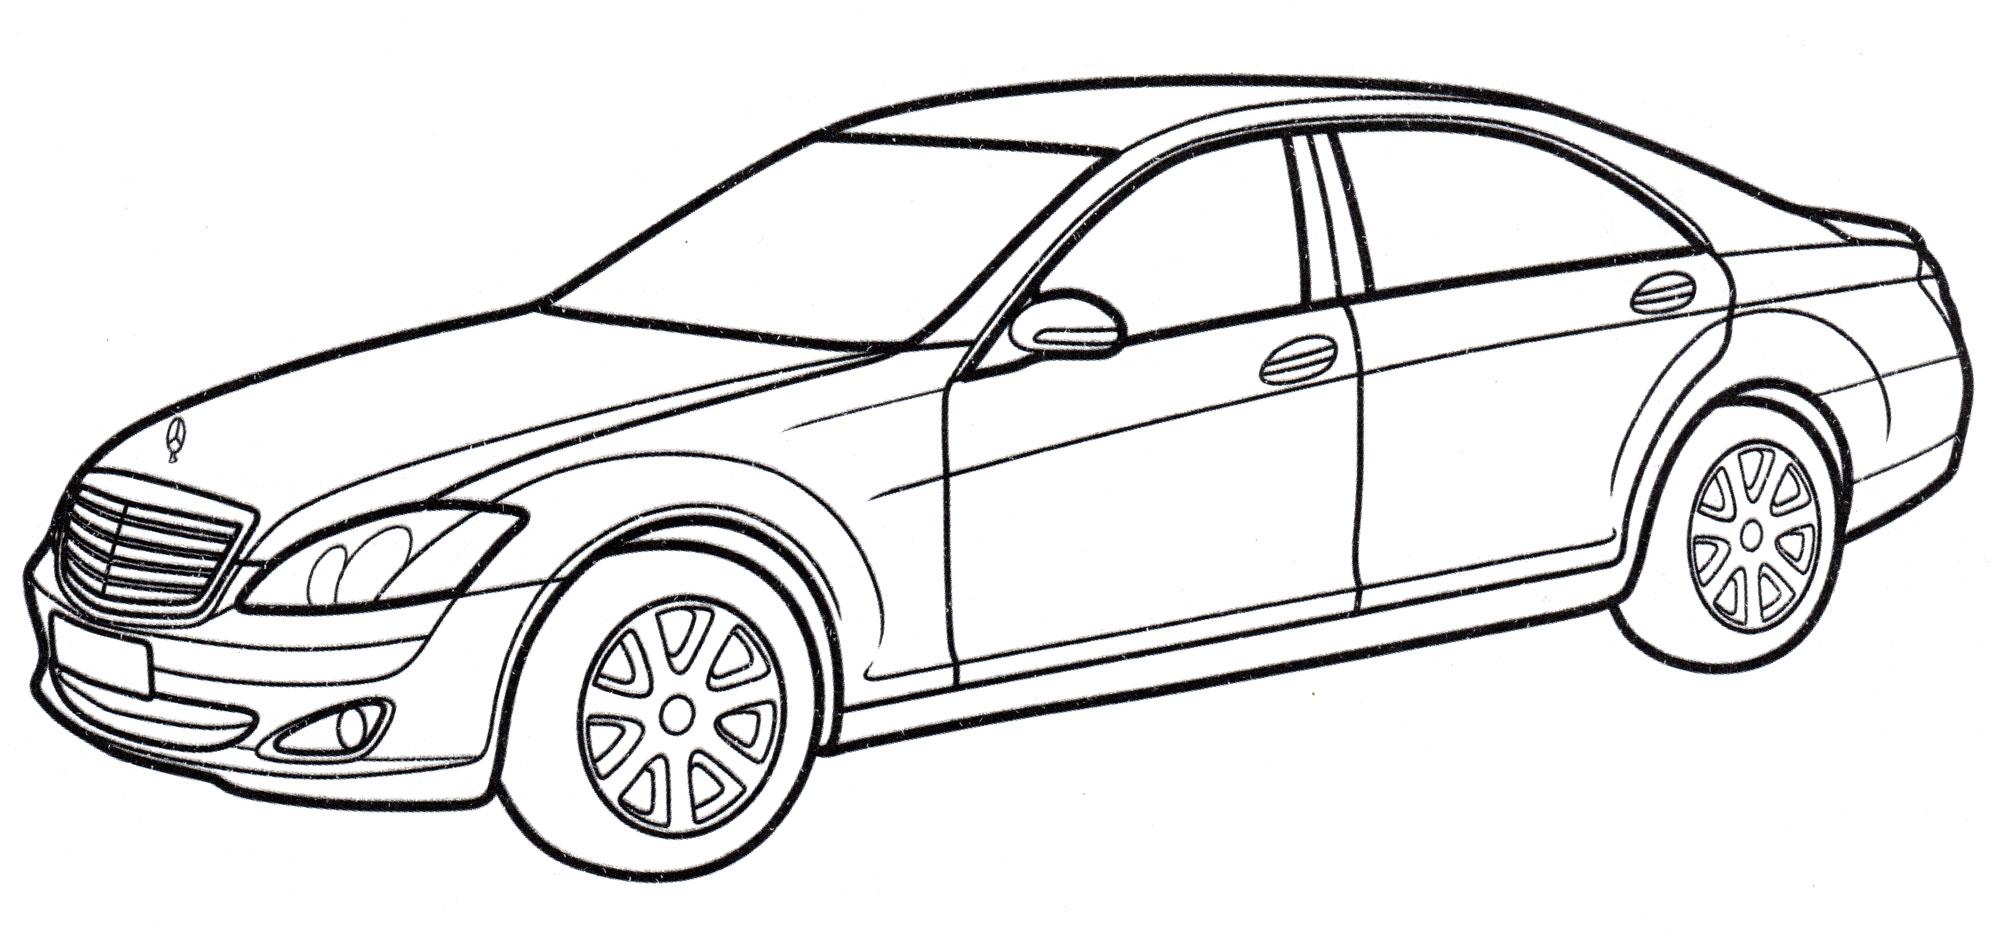 Раскраска Mercedes S-class - распечатать бесплатно